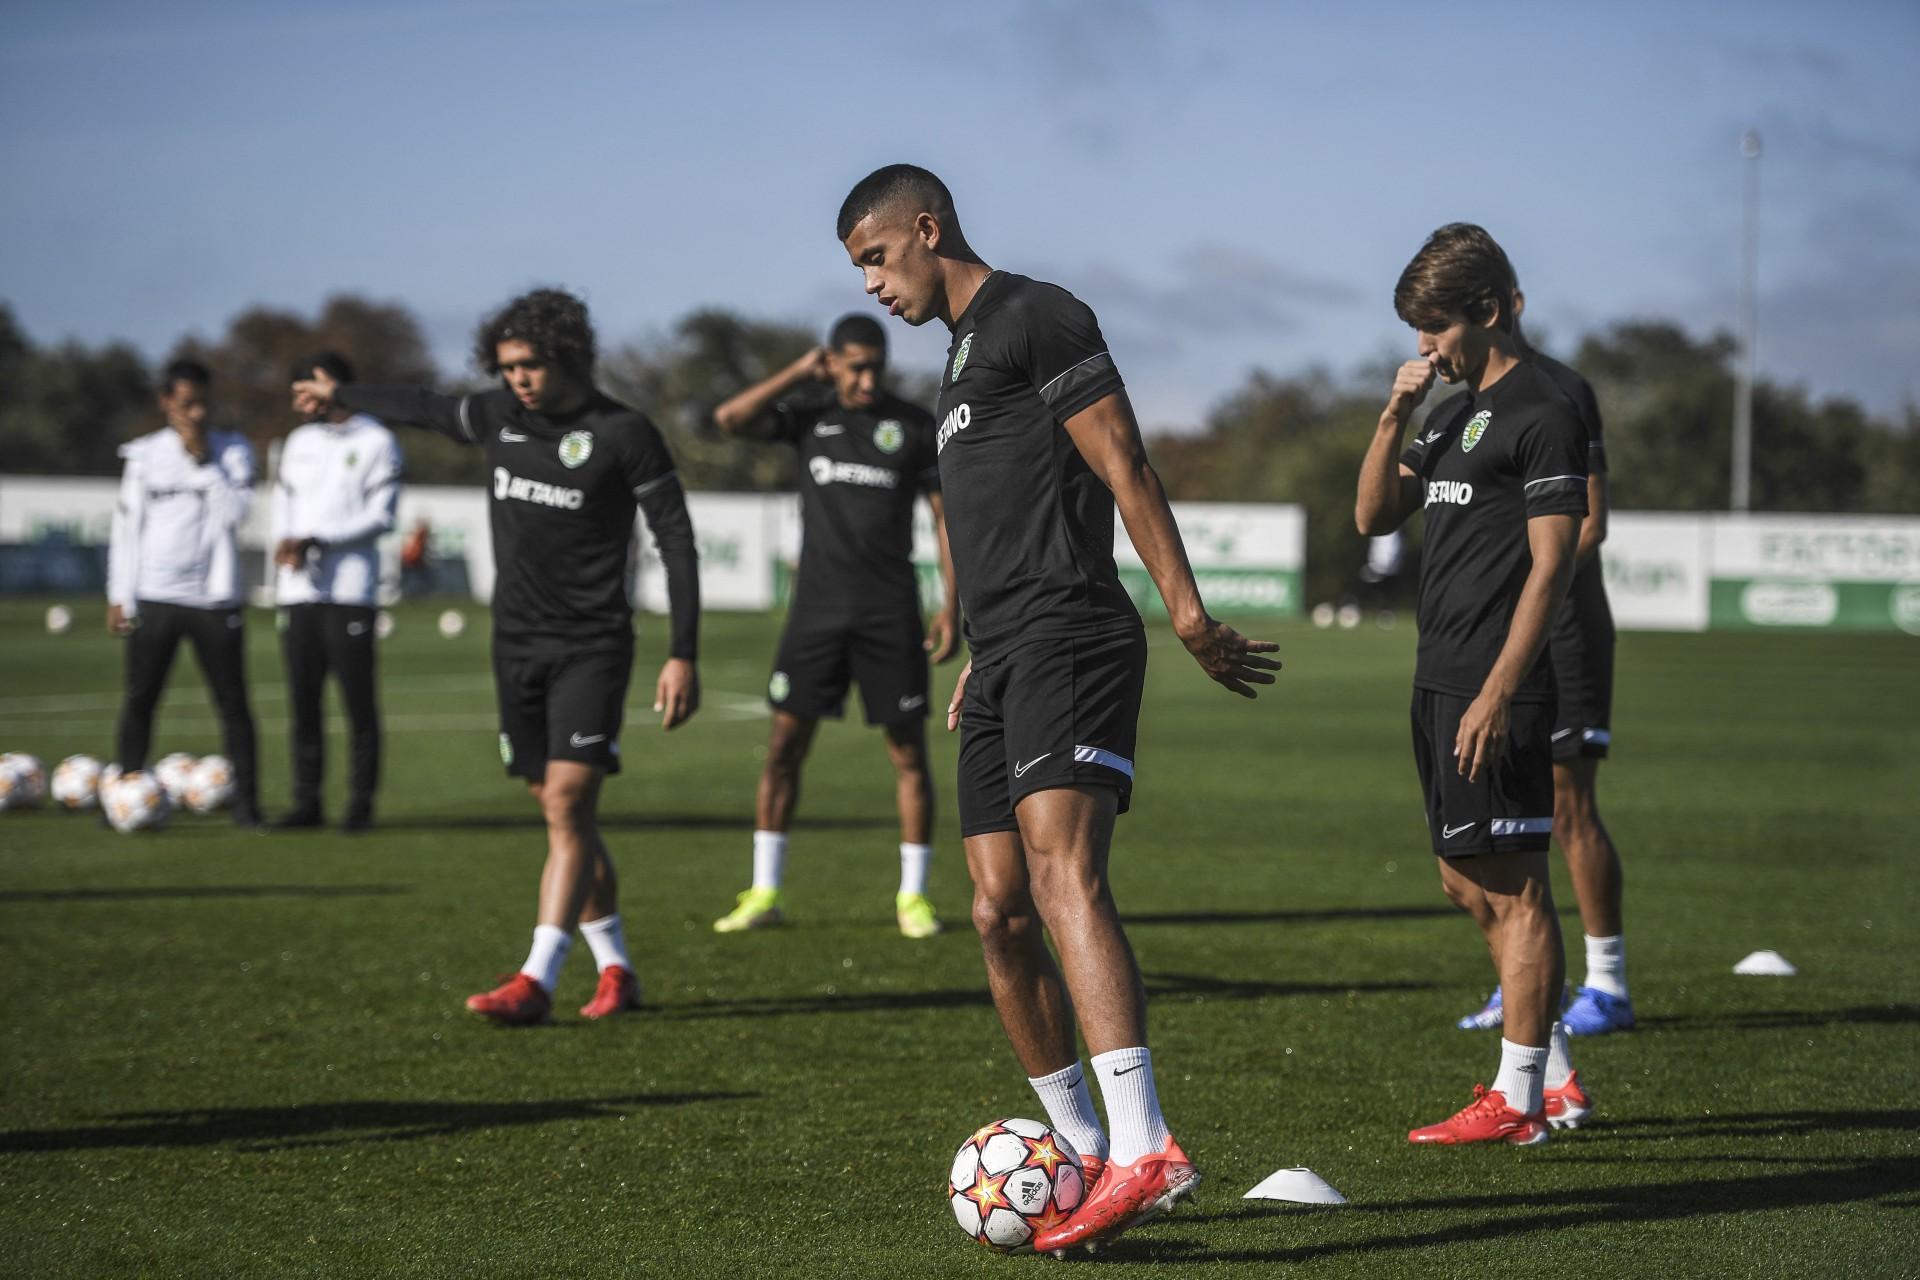 Depois de negar Seleção, Matheus Nunes é convocado por Portugal pela primeira vez